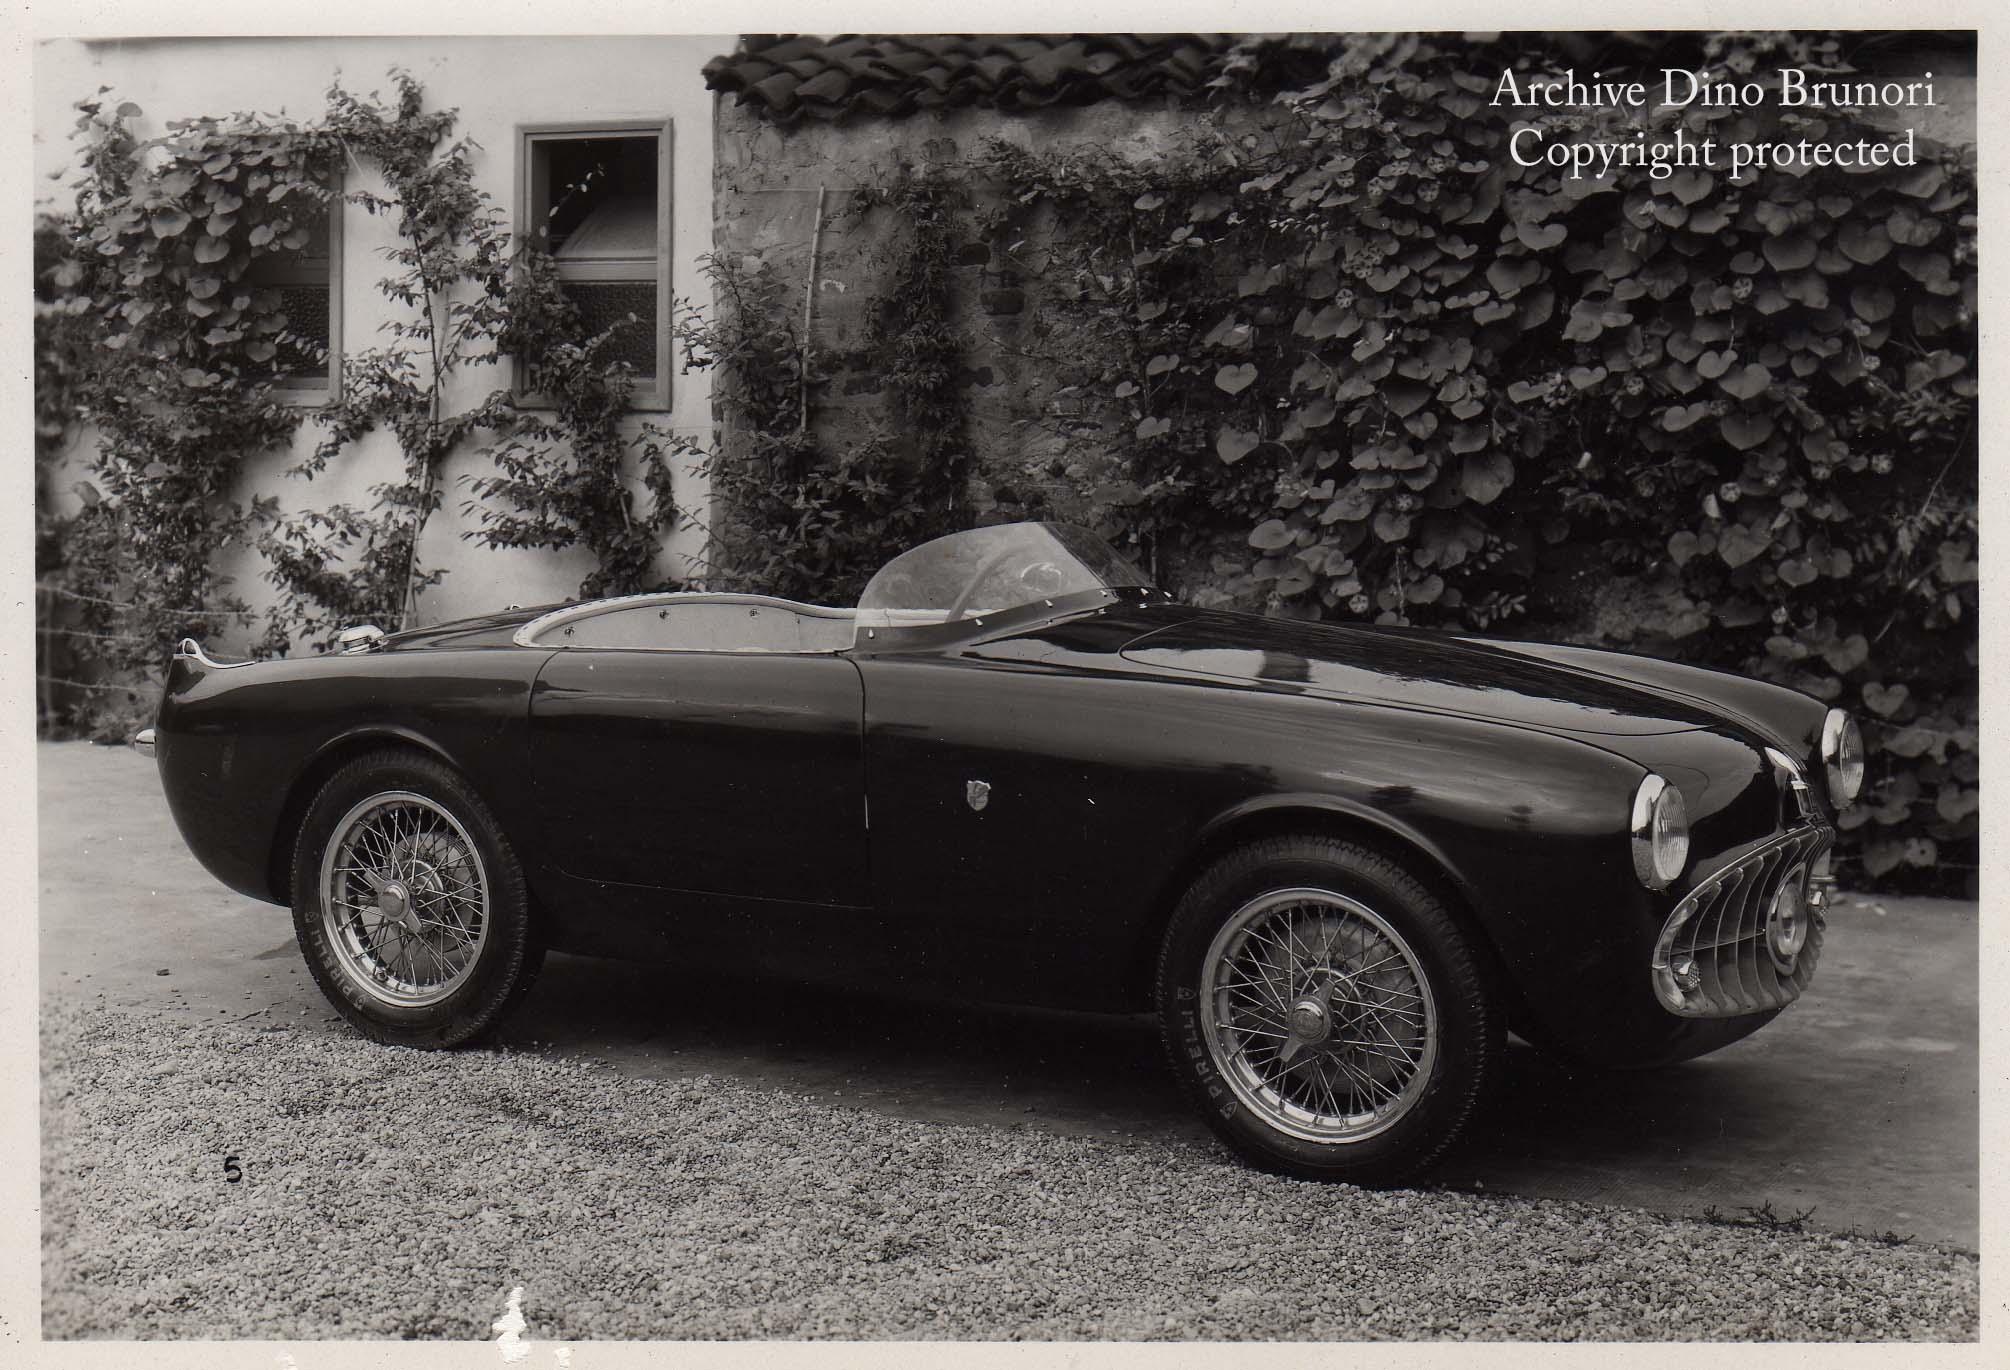 1953 Nardi 750 Frua